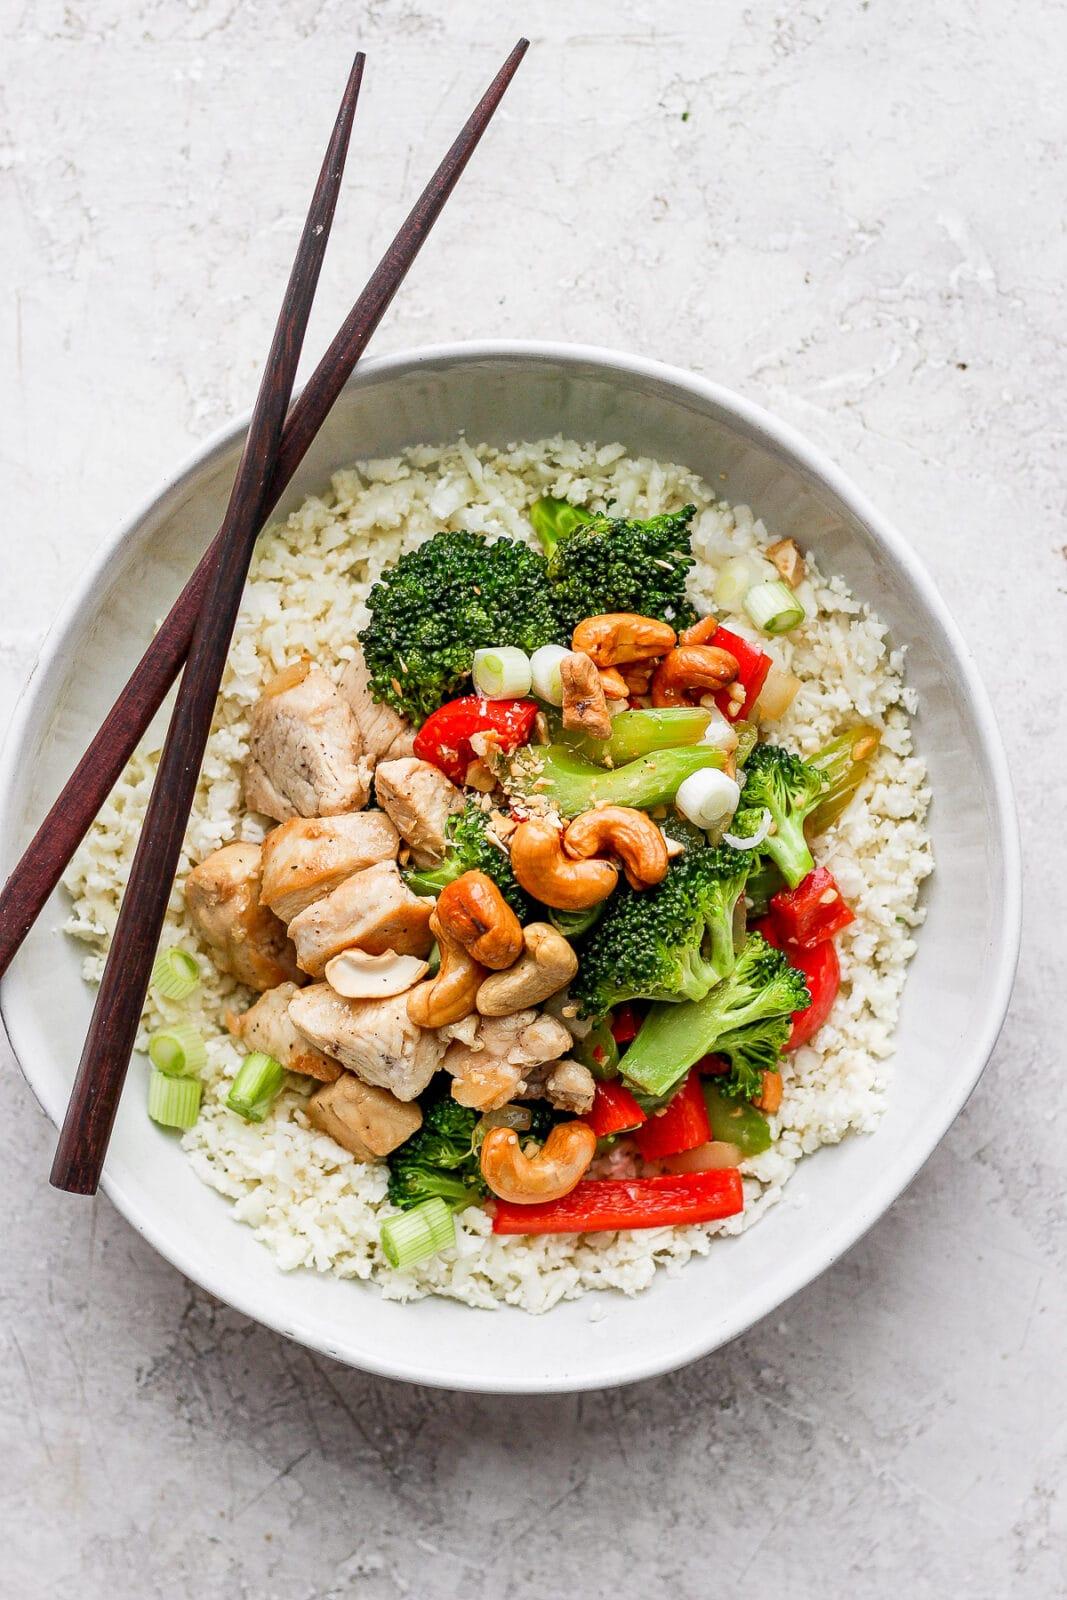 Bowl of cashew chicken stir fry on cauliflower rice with chopsticks.